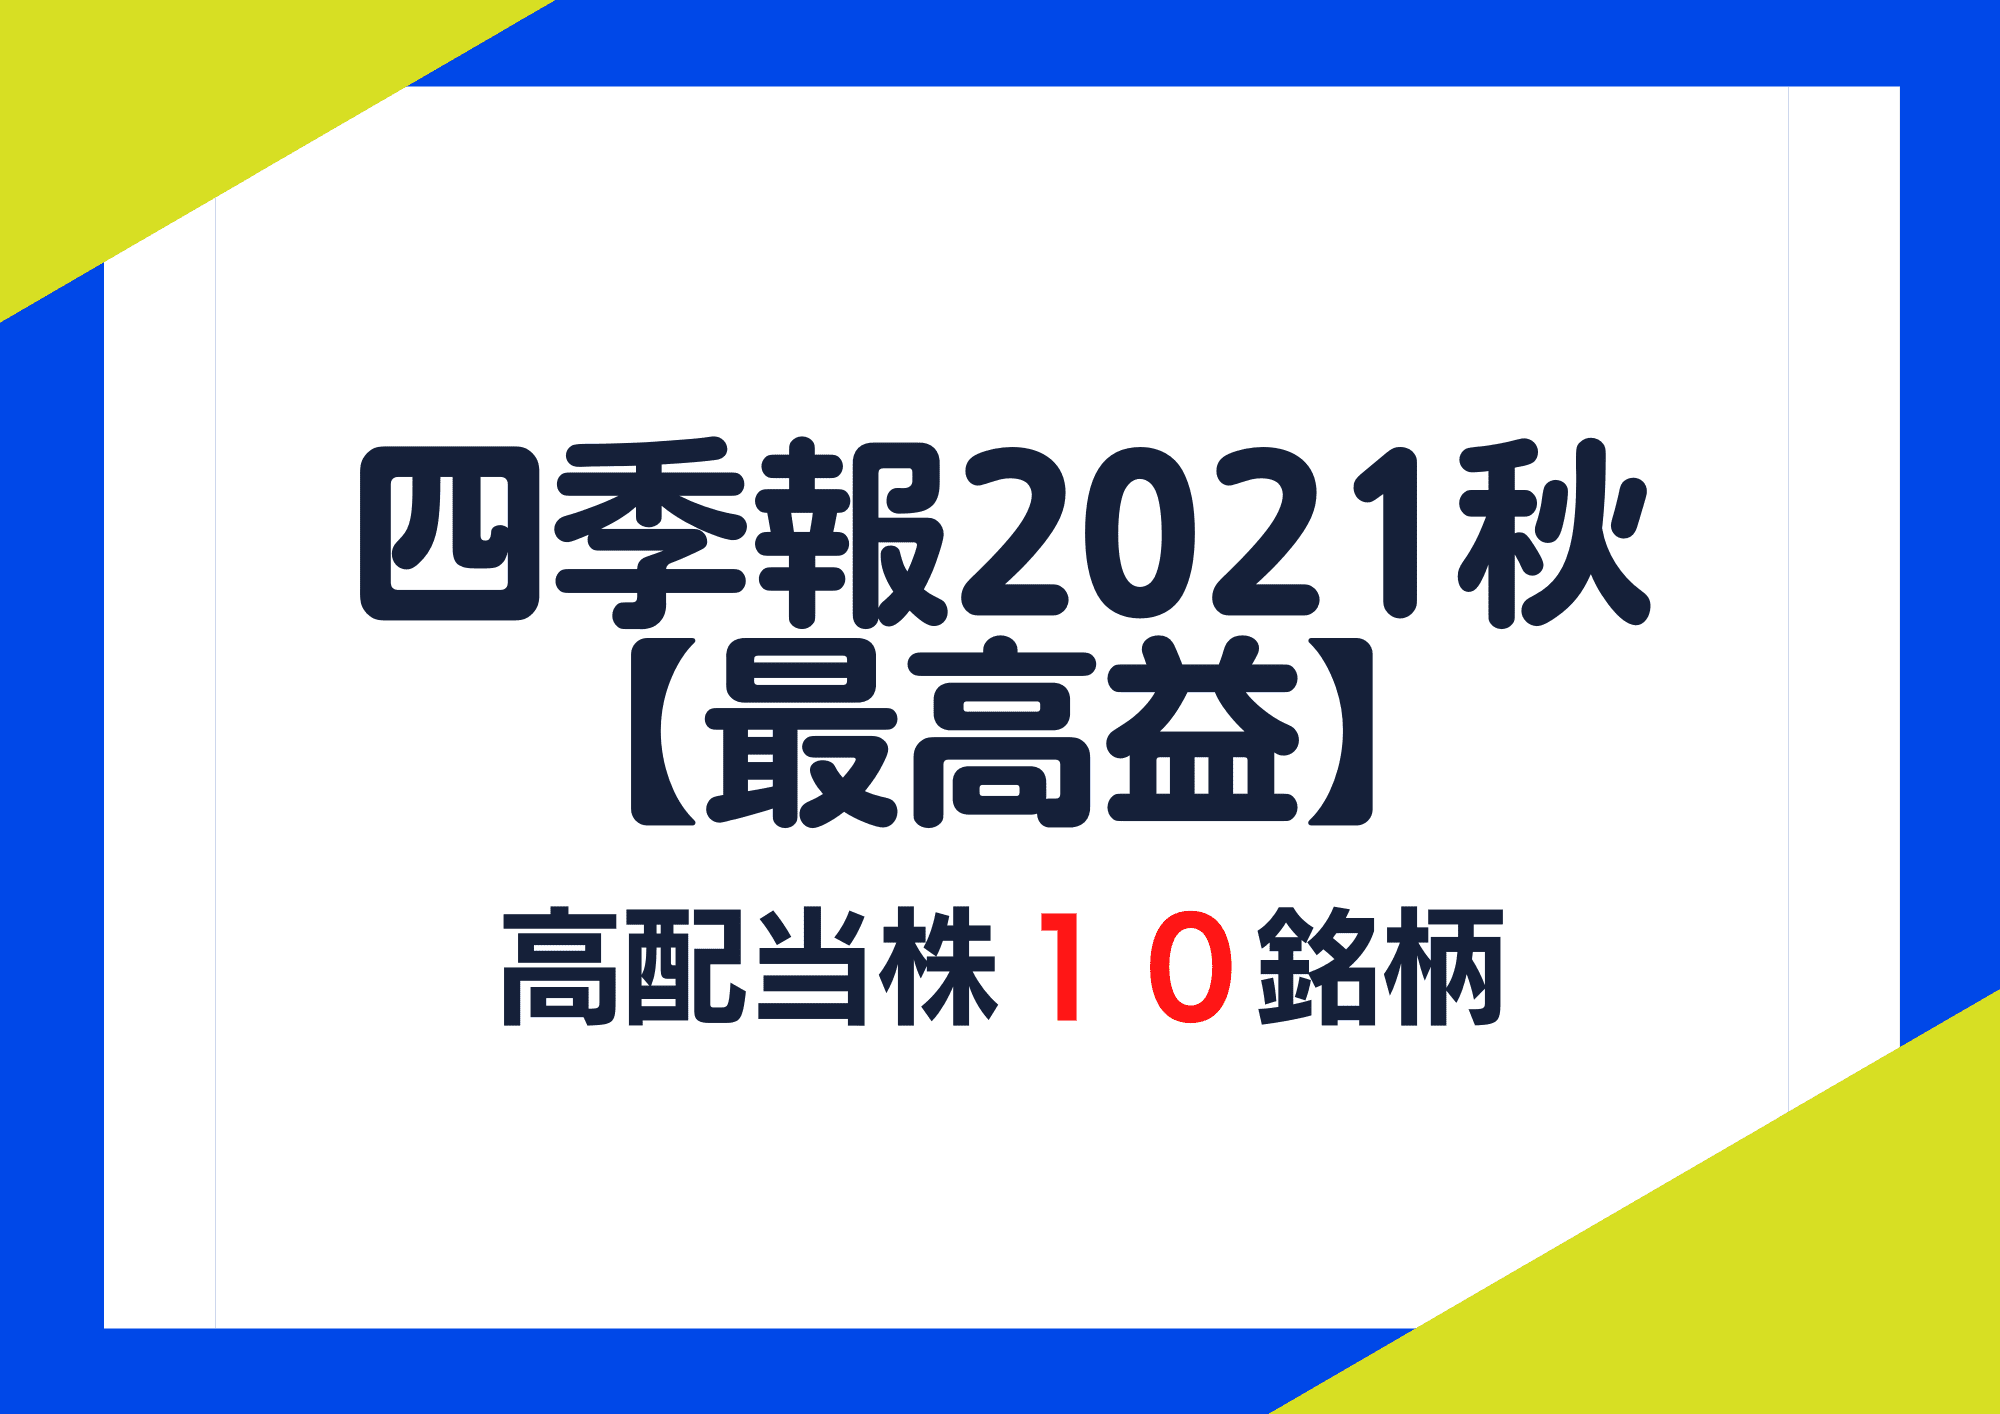 四季報2021最高益